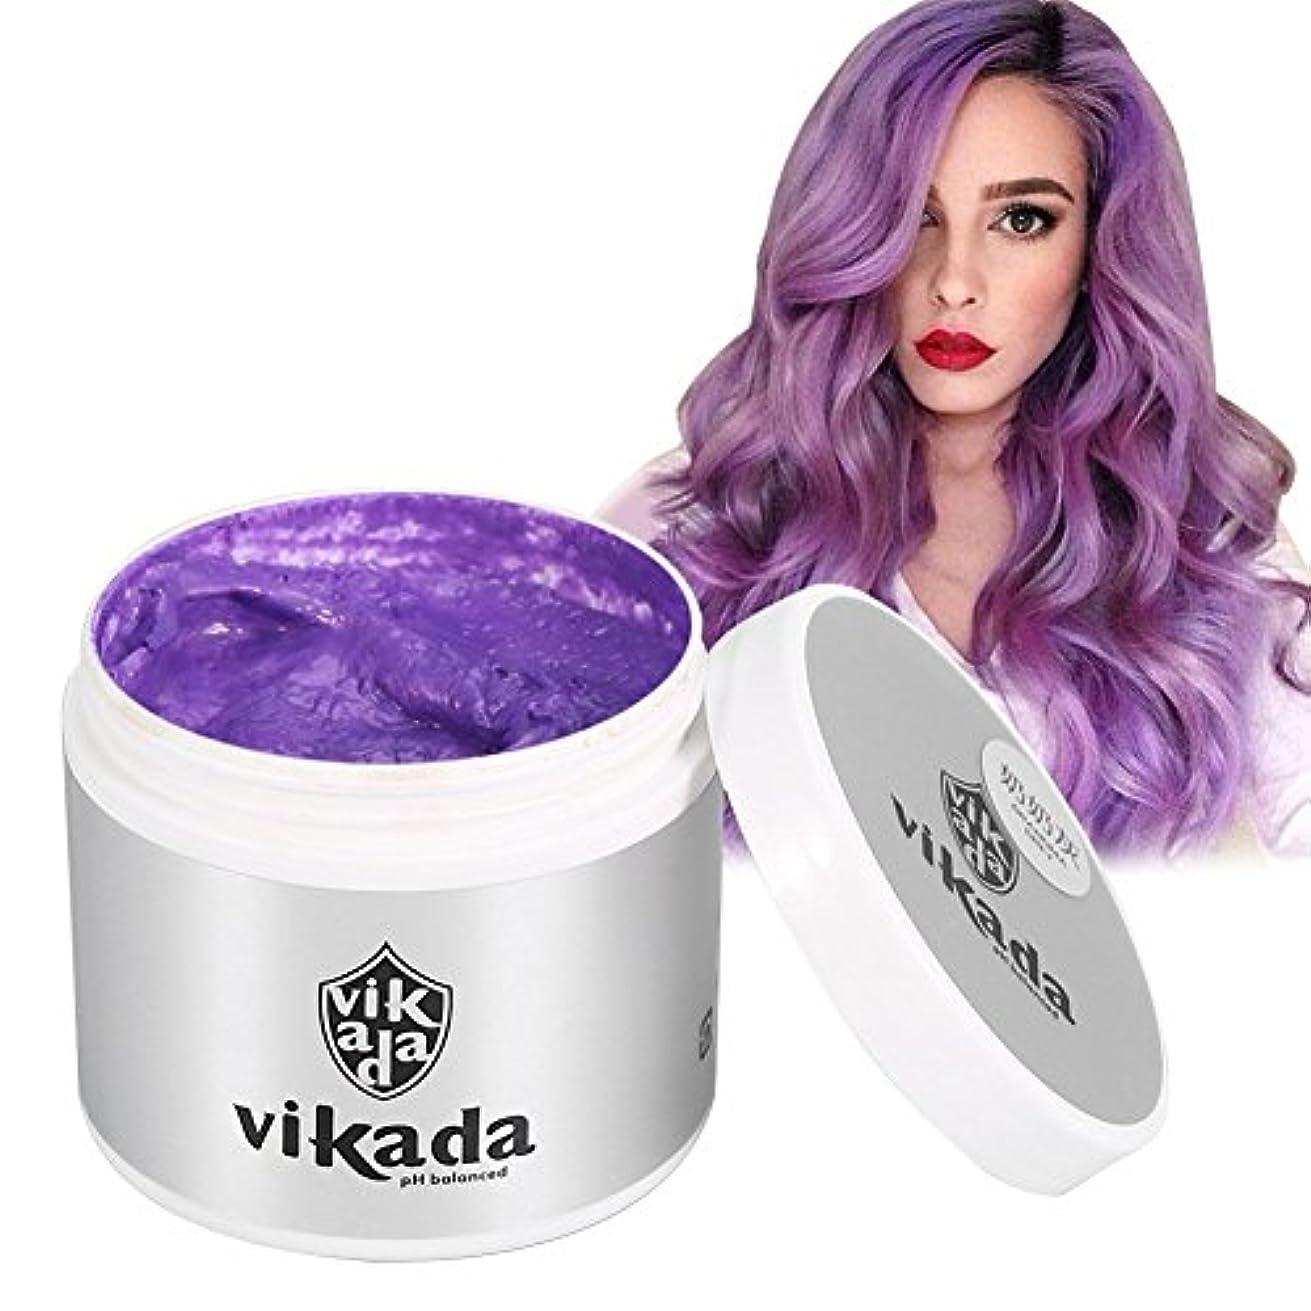 考慮アピールリング使い捨てスタイリングヘアカラークリーム、3色一時的な髪泥ワックス髪型ポマード用パーティーコスプレナイトクラブ仮装ハロウィーン(Purple)